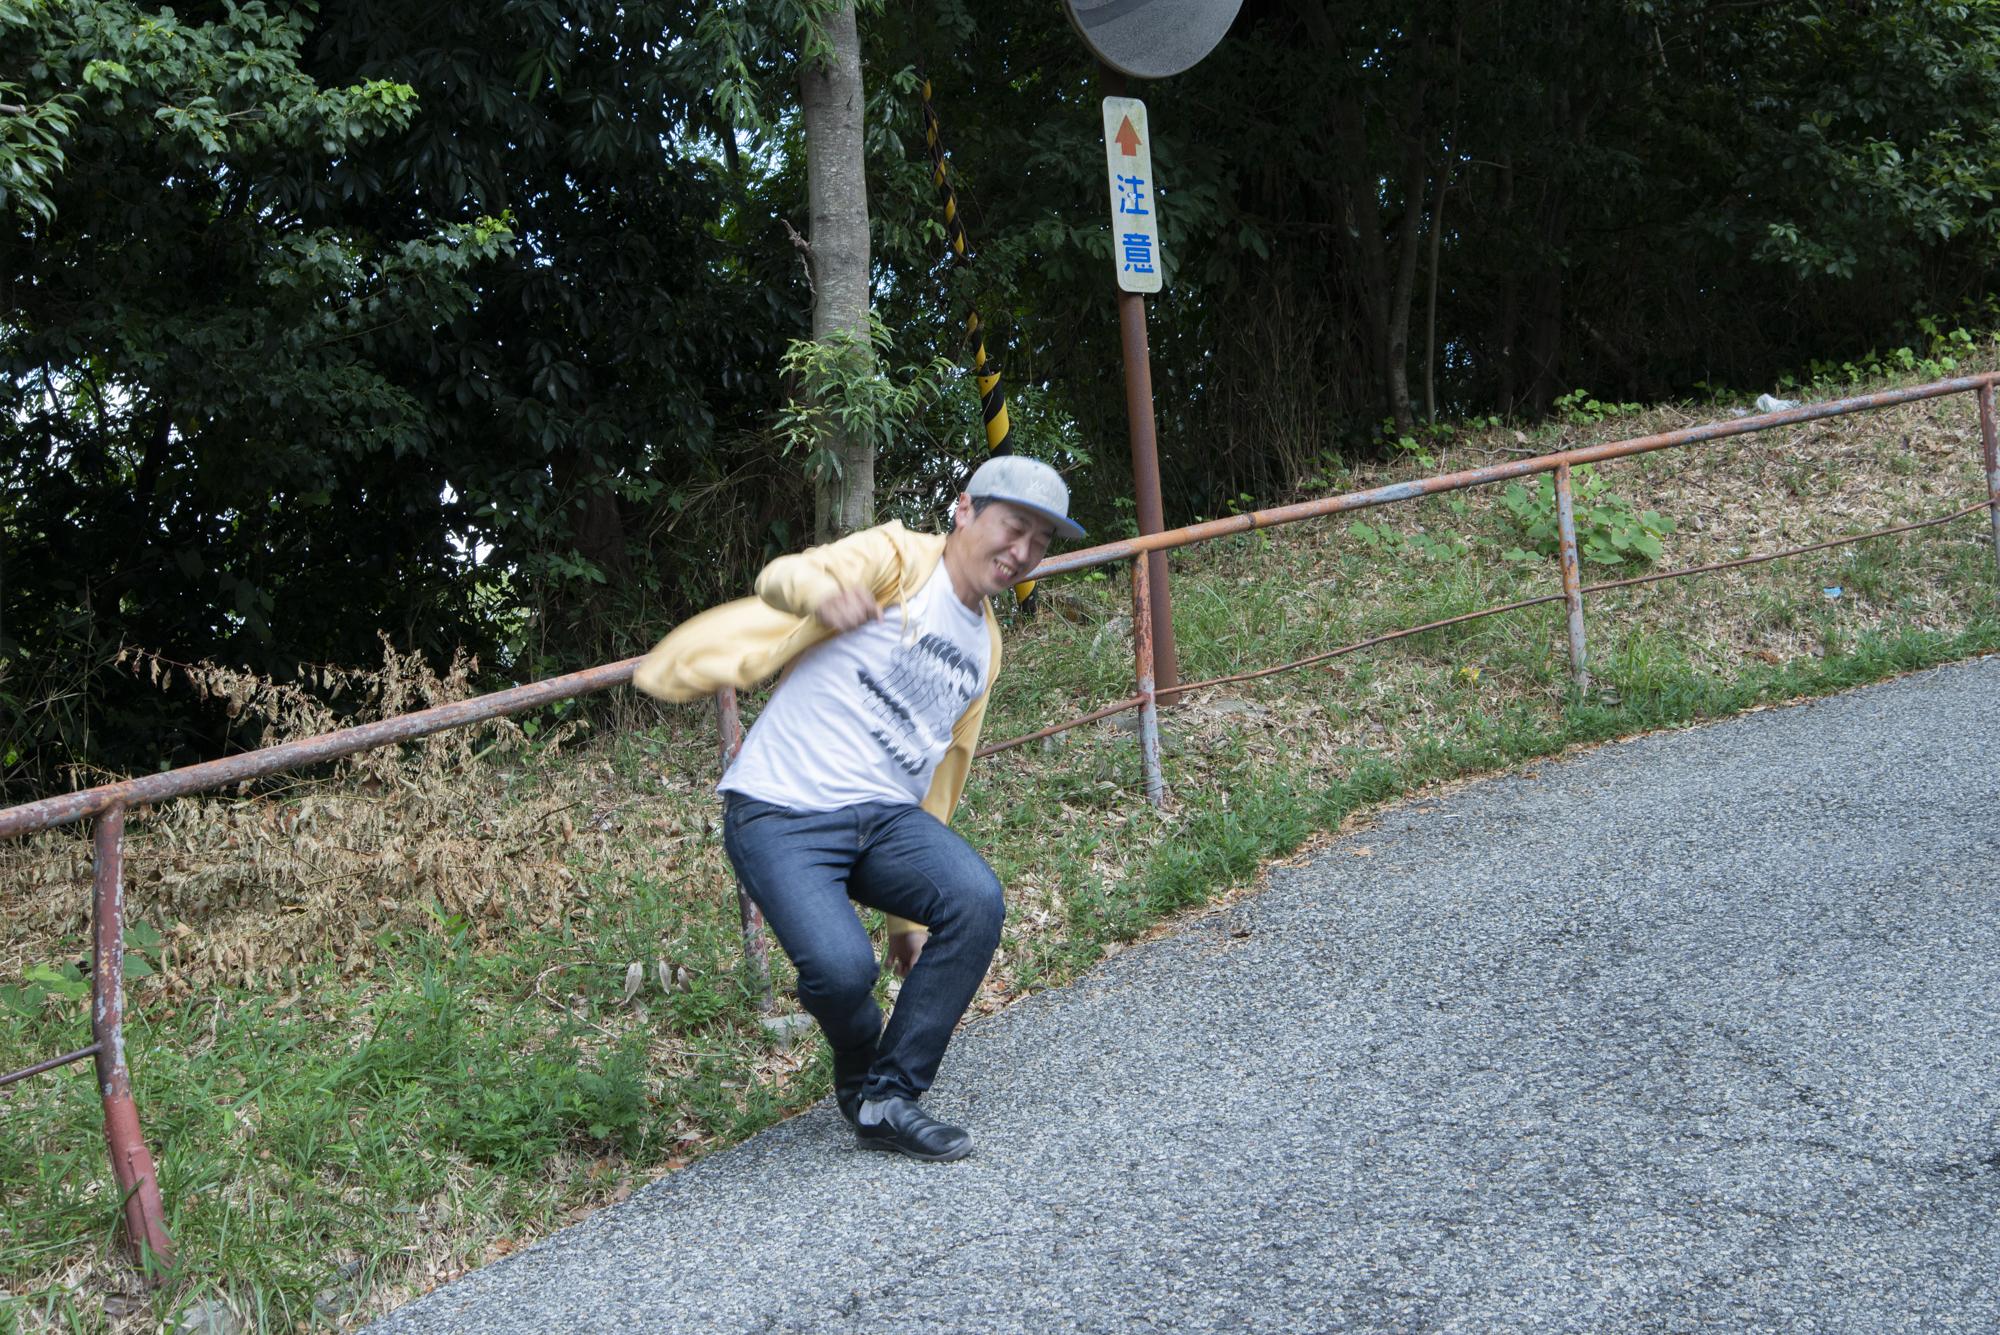 渡邉朋也 a.k.a. なべたんインタビュー